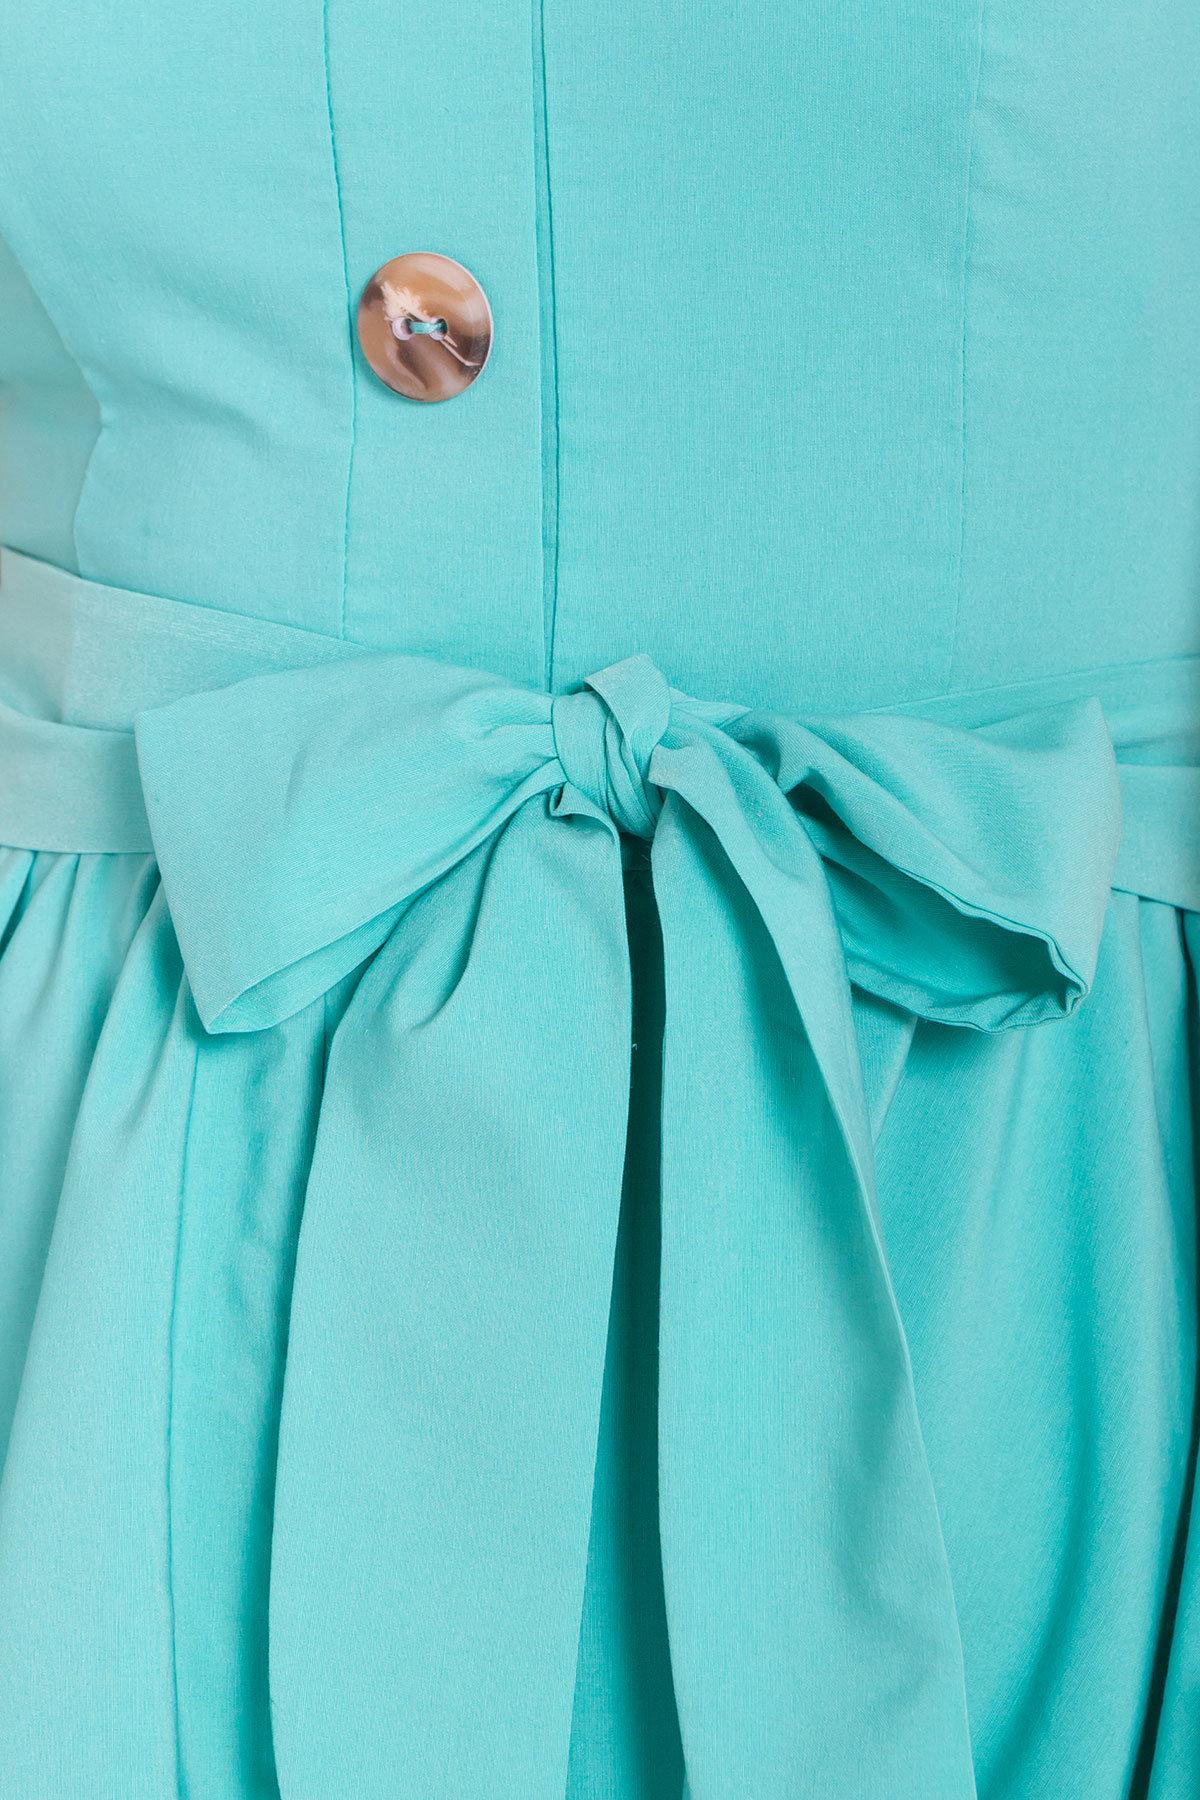 Платье Джонни 7413 АРТ. 43201 Цвет: Мята - фото 5, интернет магазин tm-modus.ru